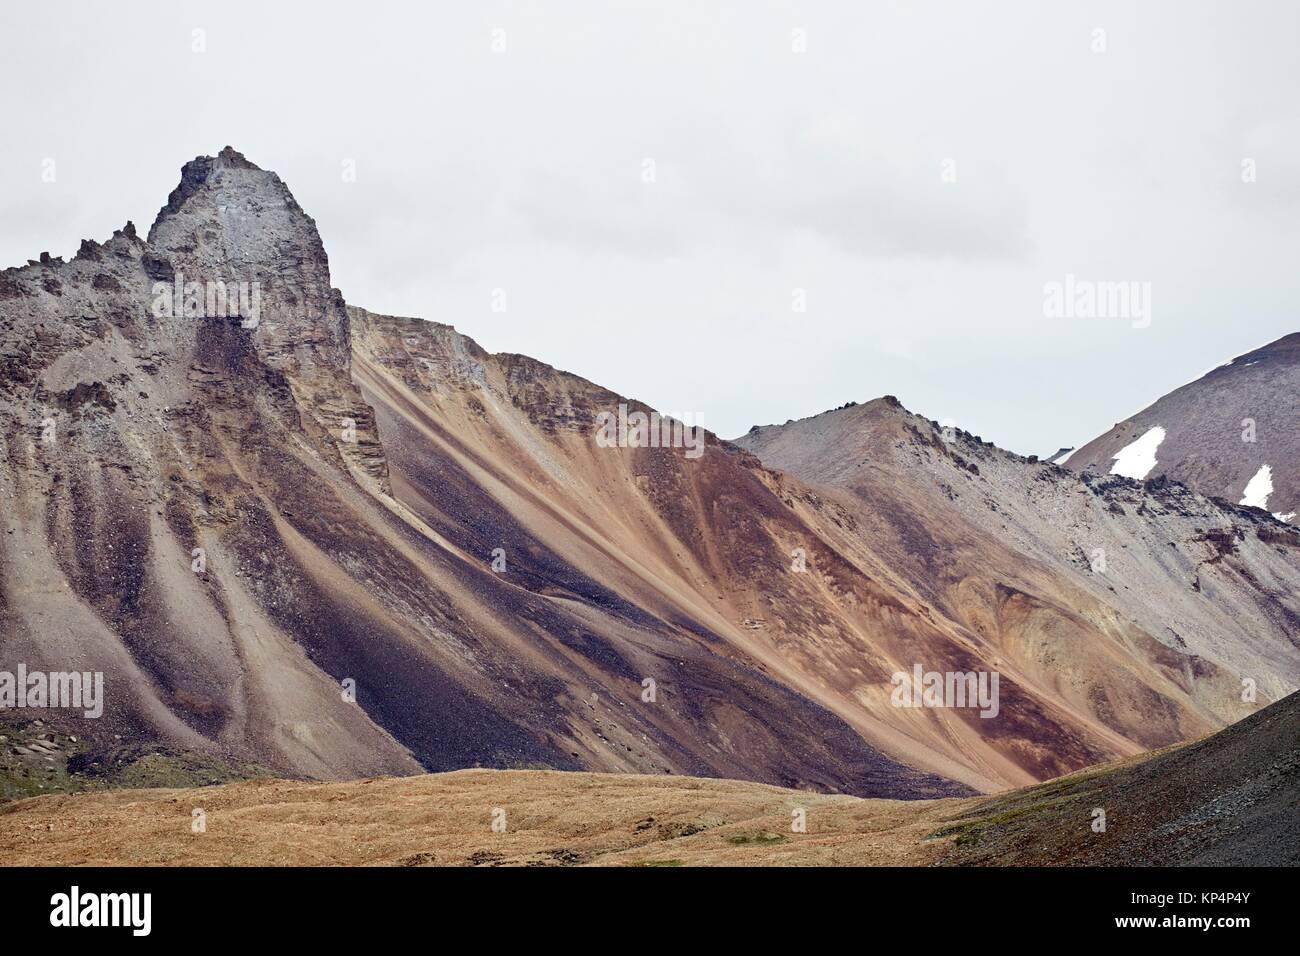 Manali - Leh Highway, Ladakh, India. - Stock Image